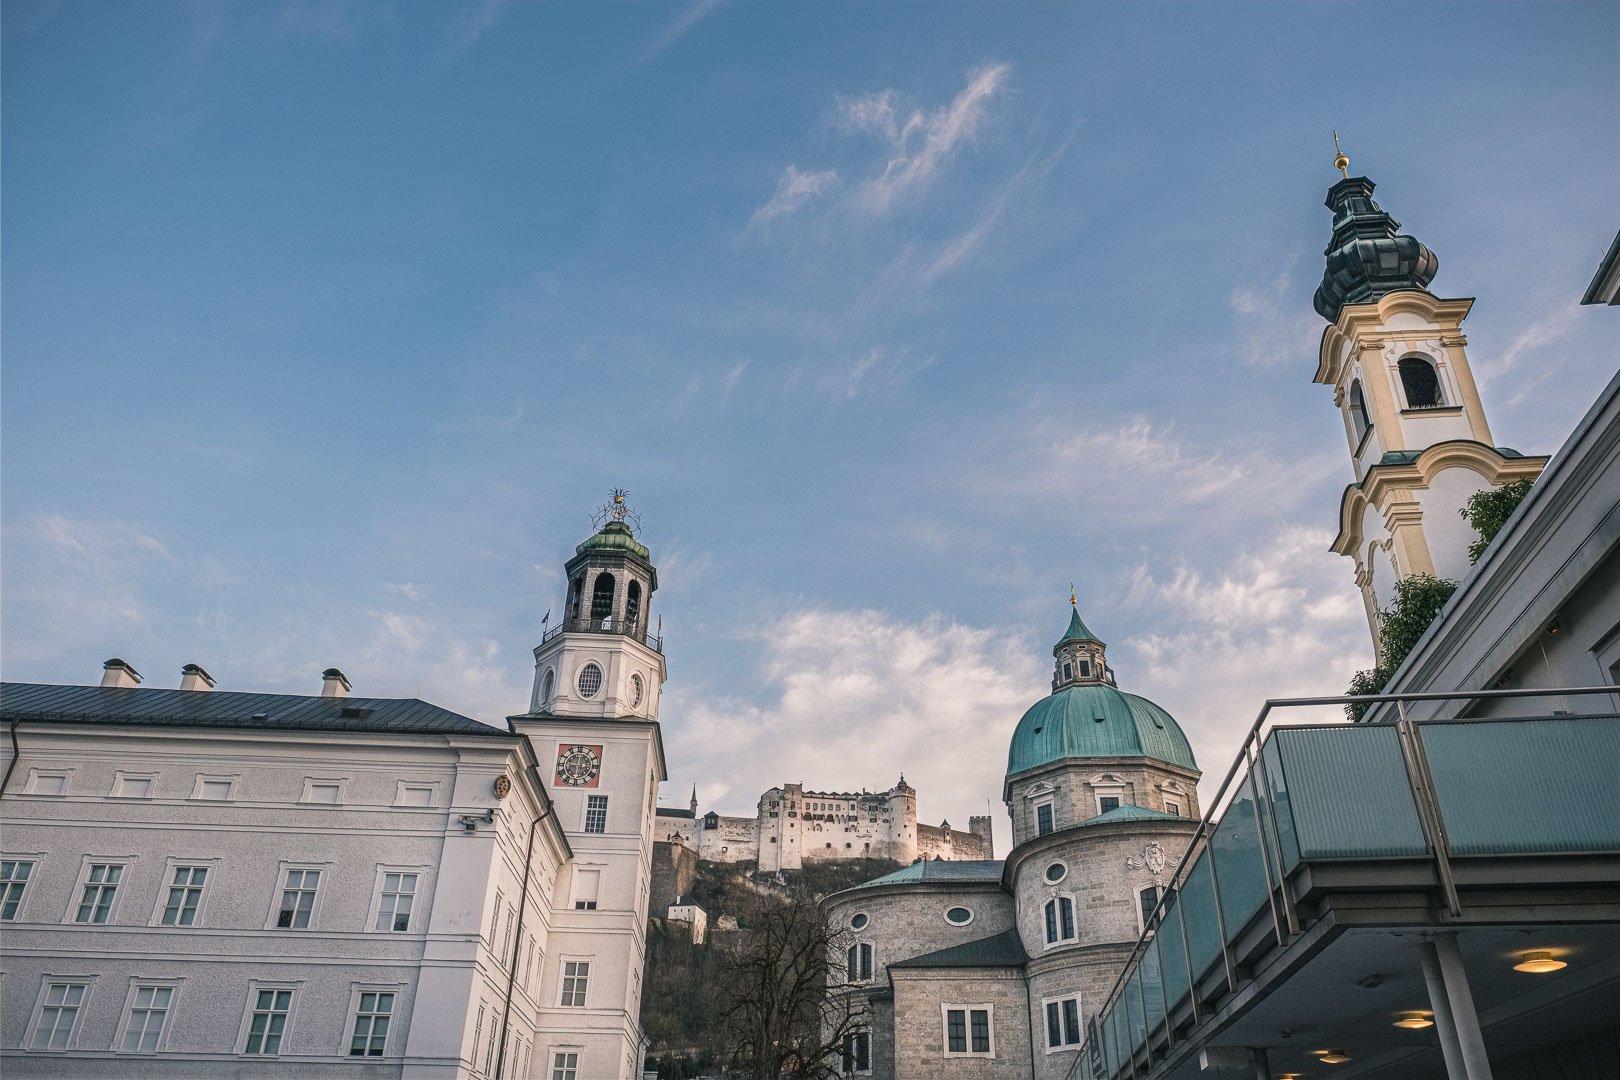 Michaelskirche, Salzburger Dom, Festung und Neue Residenz